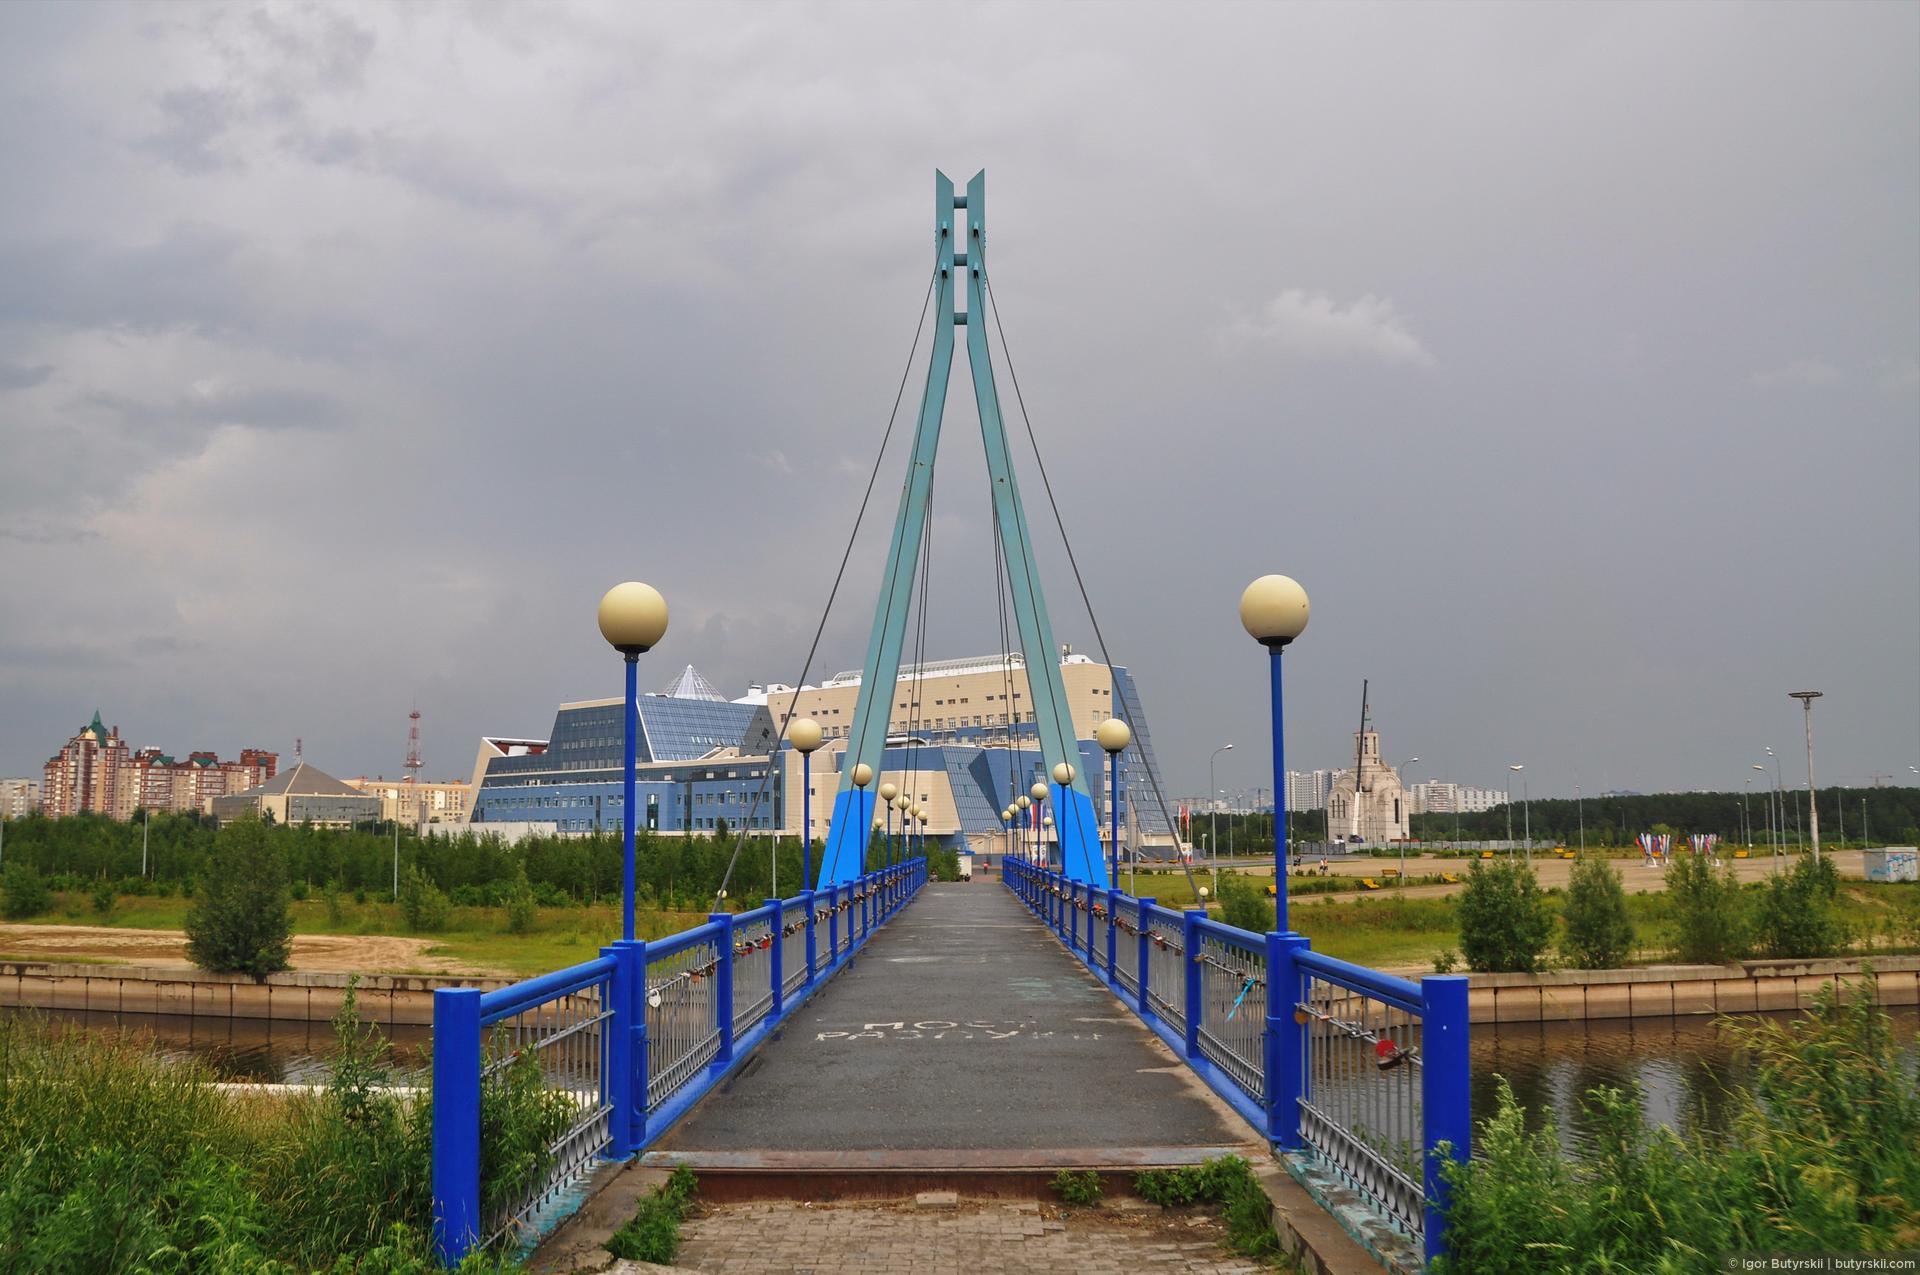 25. Небольшой вантовый пешеходный мост. Недалеко от Сургута, по дороге на Нефтеюганск на Оби построен шикарный огромный вантовый мост. Но снять его мне нормально так и не удалось, все эта погода противная., Сургут